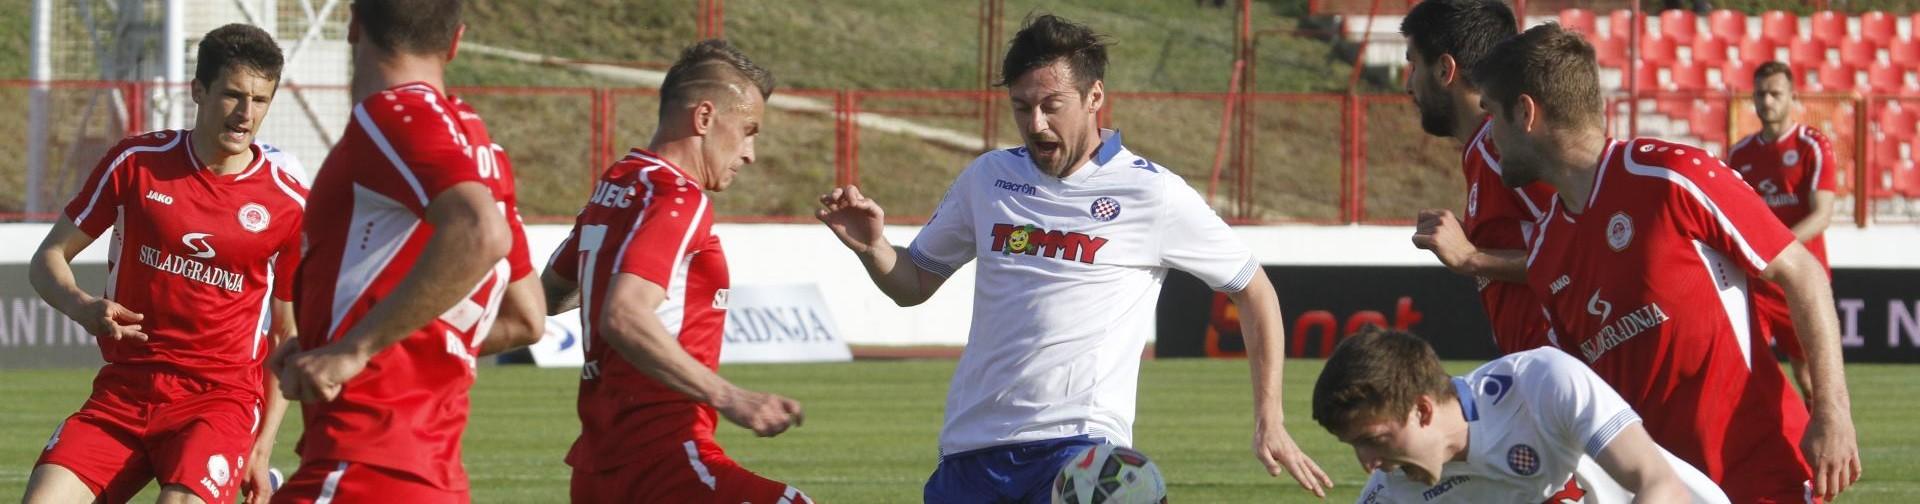 POLUFINALE HRVATSKOG KUPA Split za prvo finale u povijesti izbacio Hajduk, Dinamo obranio prednost iz prve utakmice